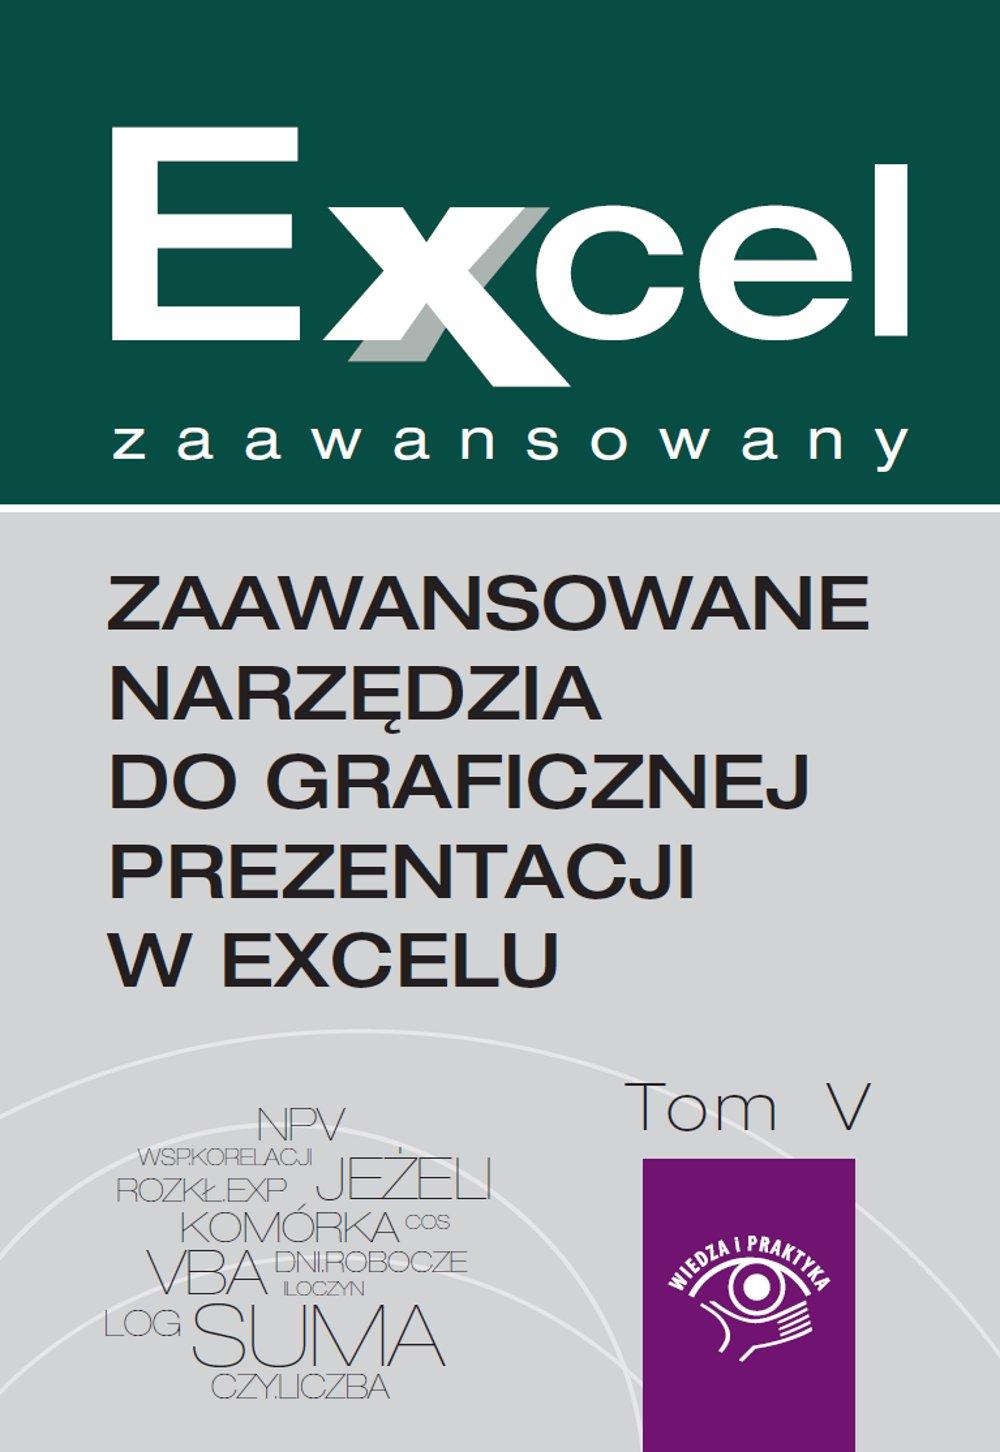 Zaawansowane narzędzia do graficznej prezentacji w Excelu - Ebook (Książka na Kindle) do pobrania w formacie MOBI